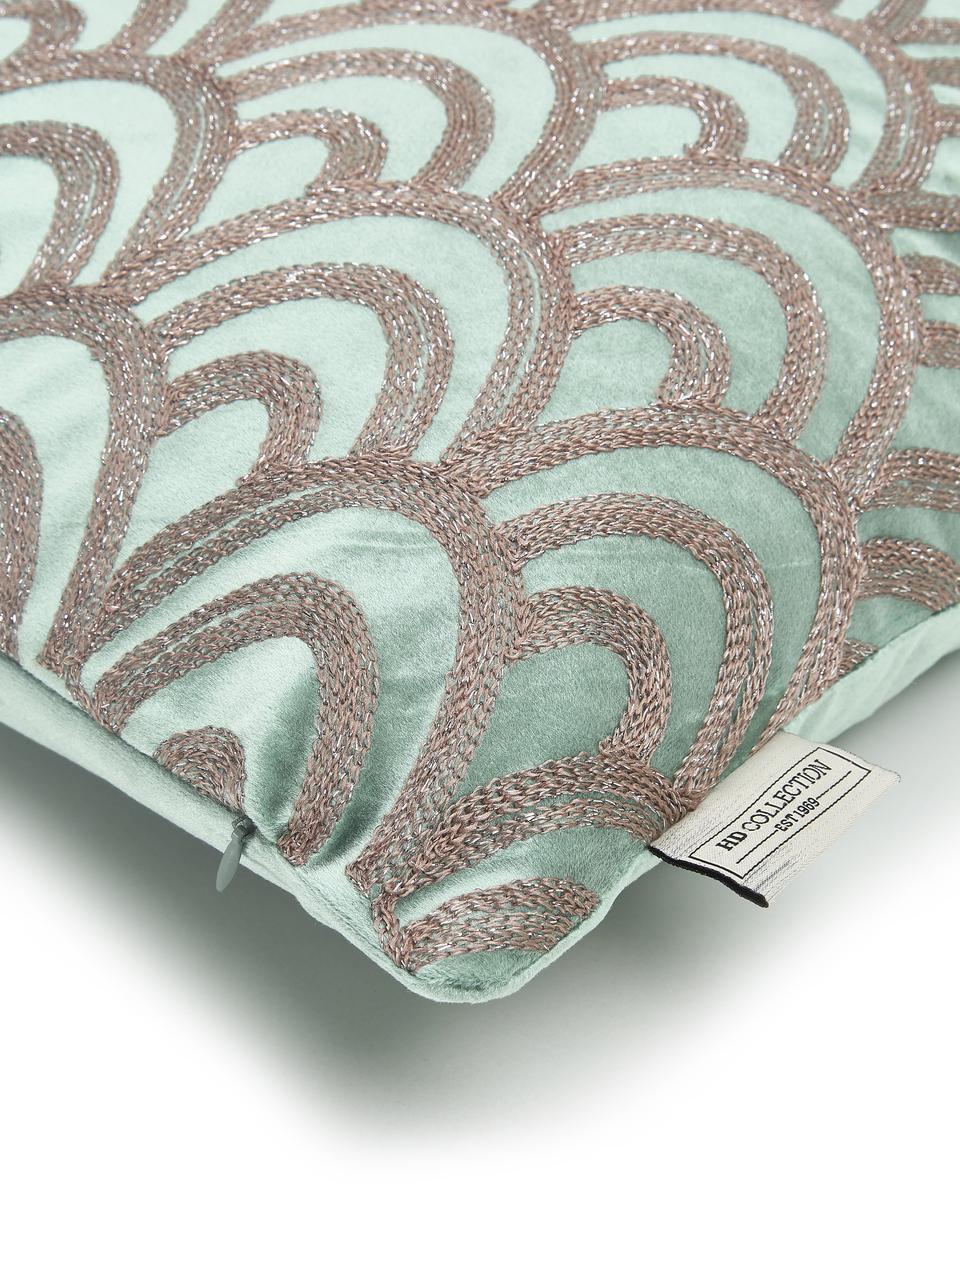 Cuscino con imbottitura in velluto Trole, 100% velluto (poliestere), Verde, argentato, Larg. 40 x Lung. 60 cm